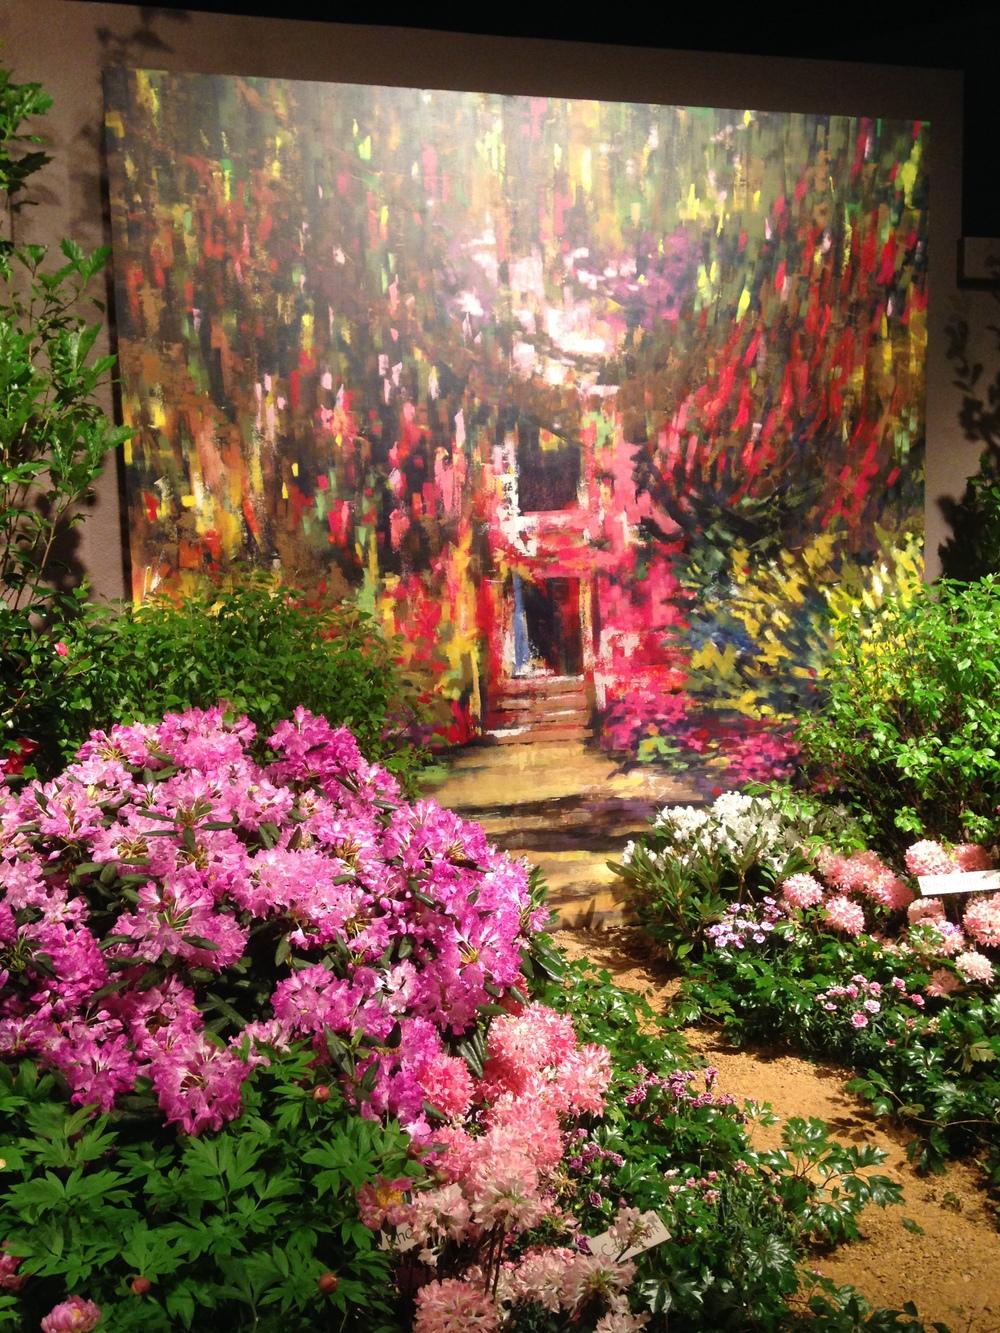 Macy's Flower Show, 2015